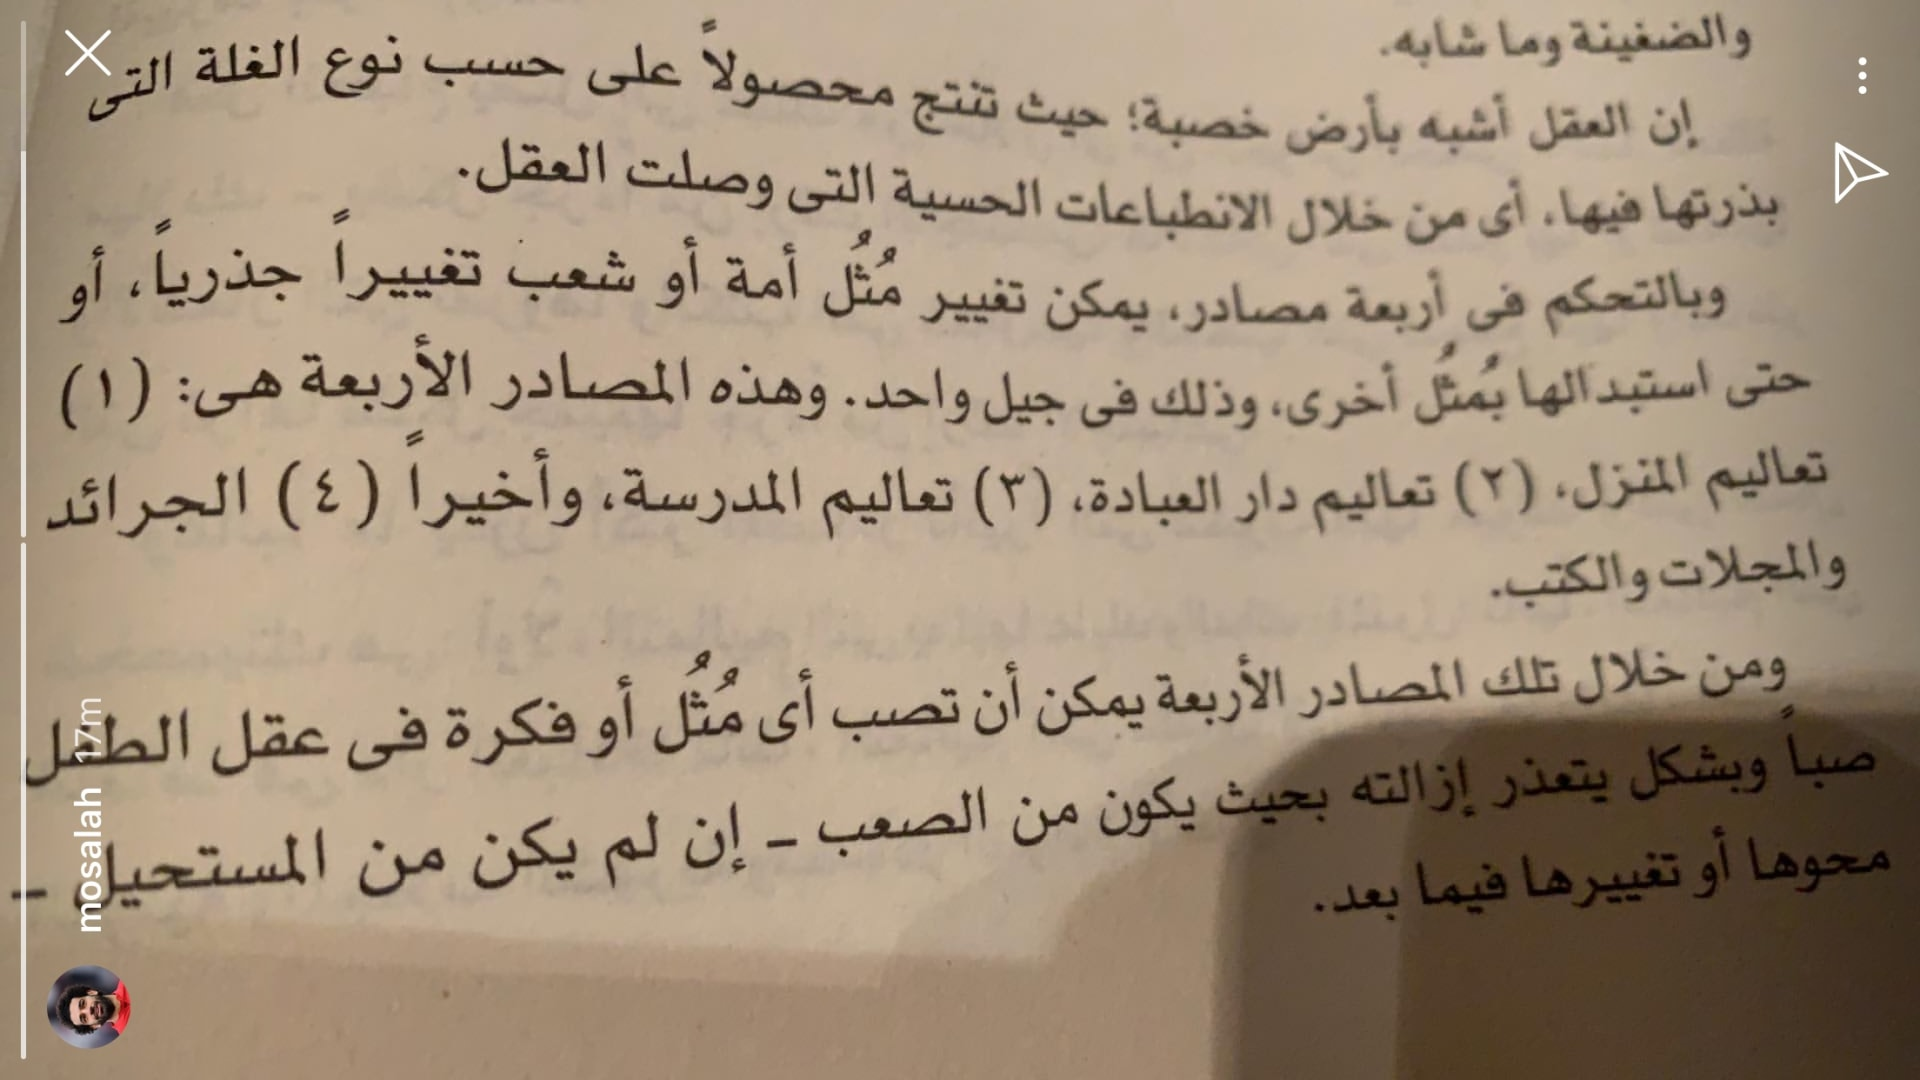 """محمد صلاح يشارك متابعيه صفحة عن """"التحكم بـ4 مصادر يمكن تغيير مُثُل أمة أو شعب جذريا"""""""